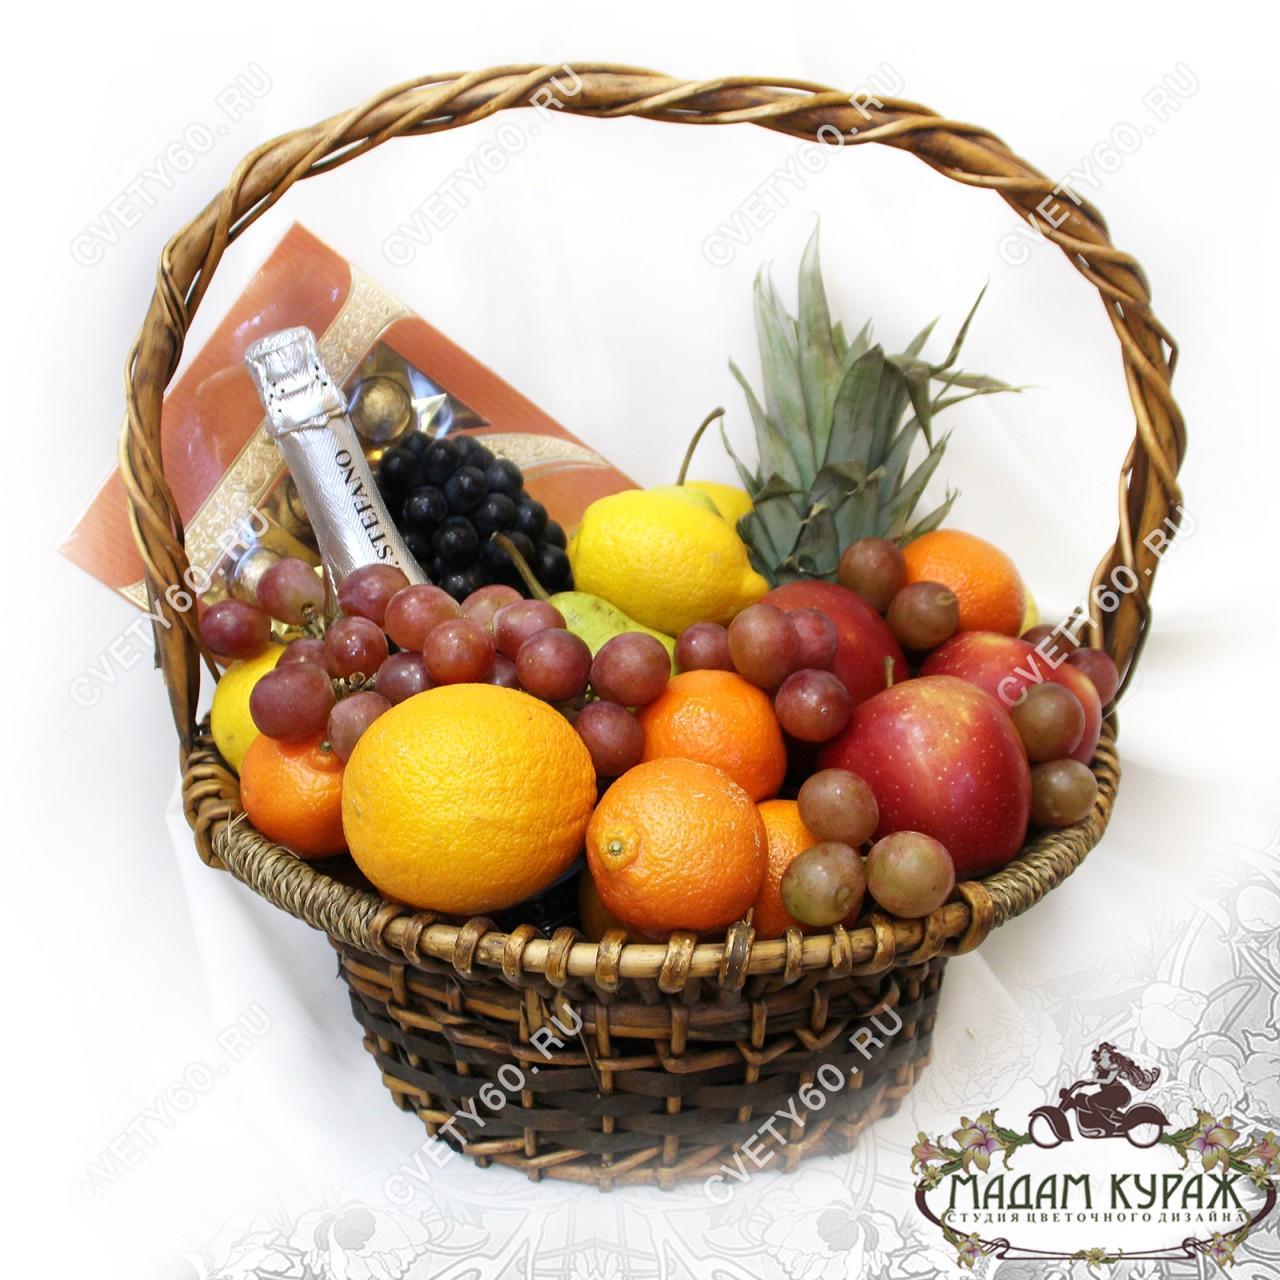 Красивая корзина с фруктами с доставкой в Пскове